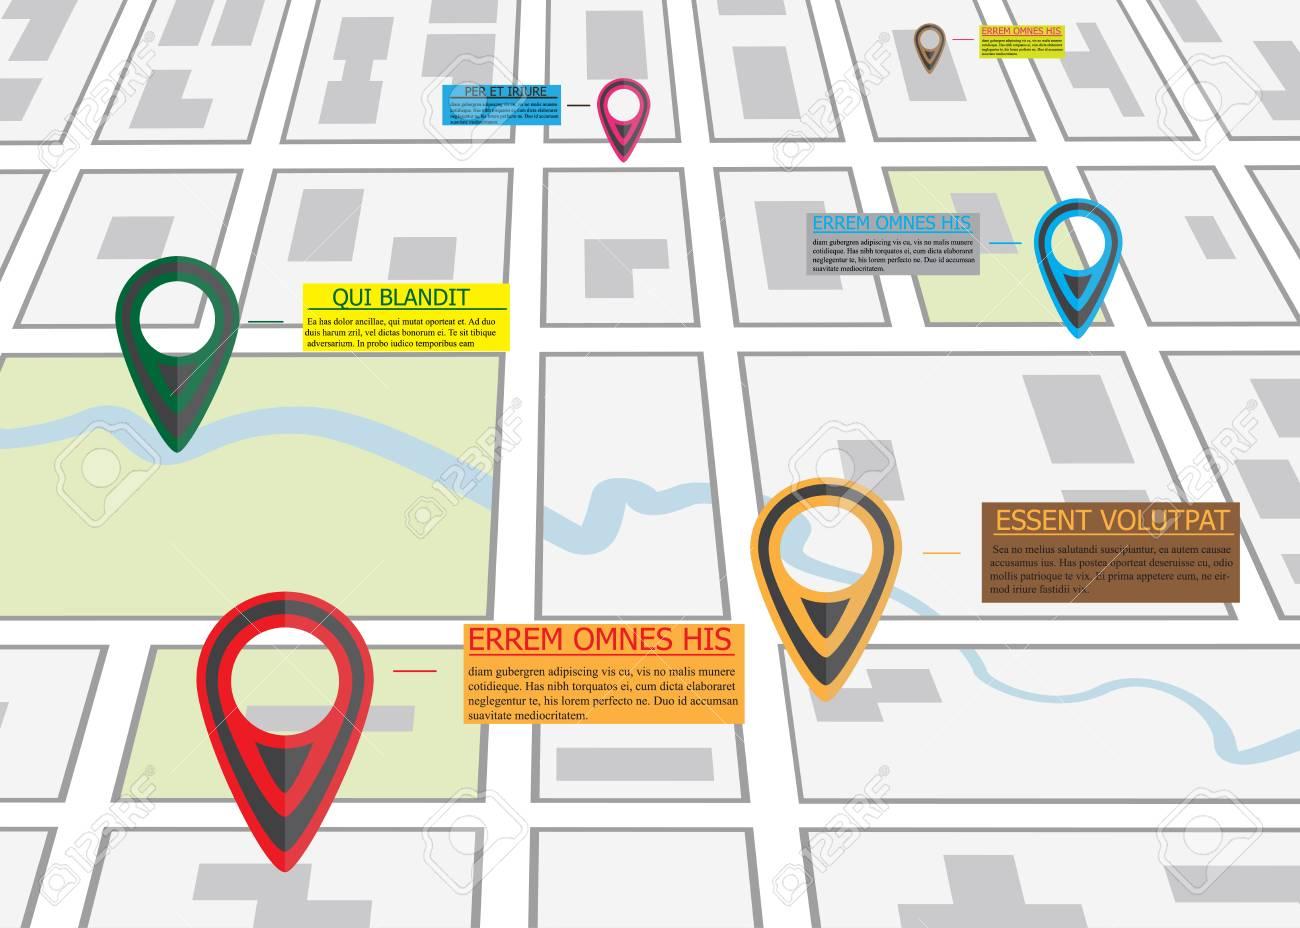 カラフルなピン ポインターイラストとビジネス Infographics 道路地図